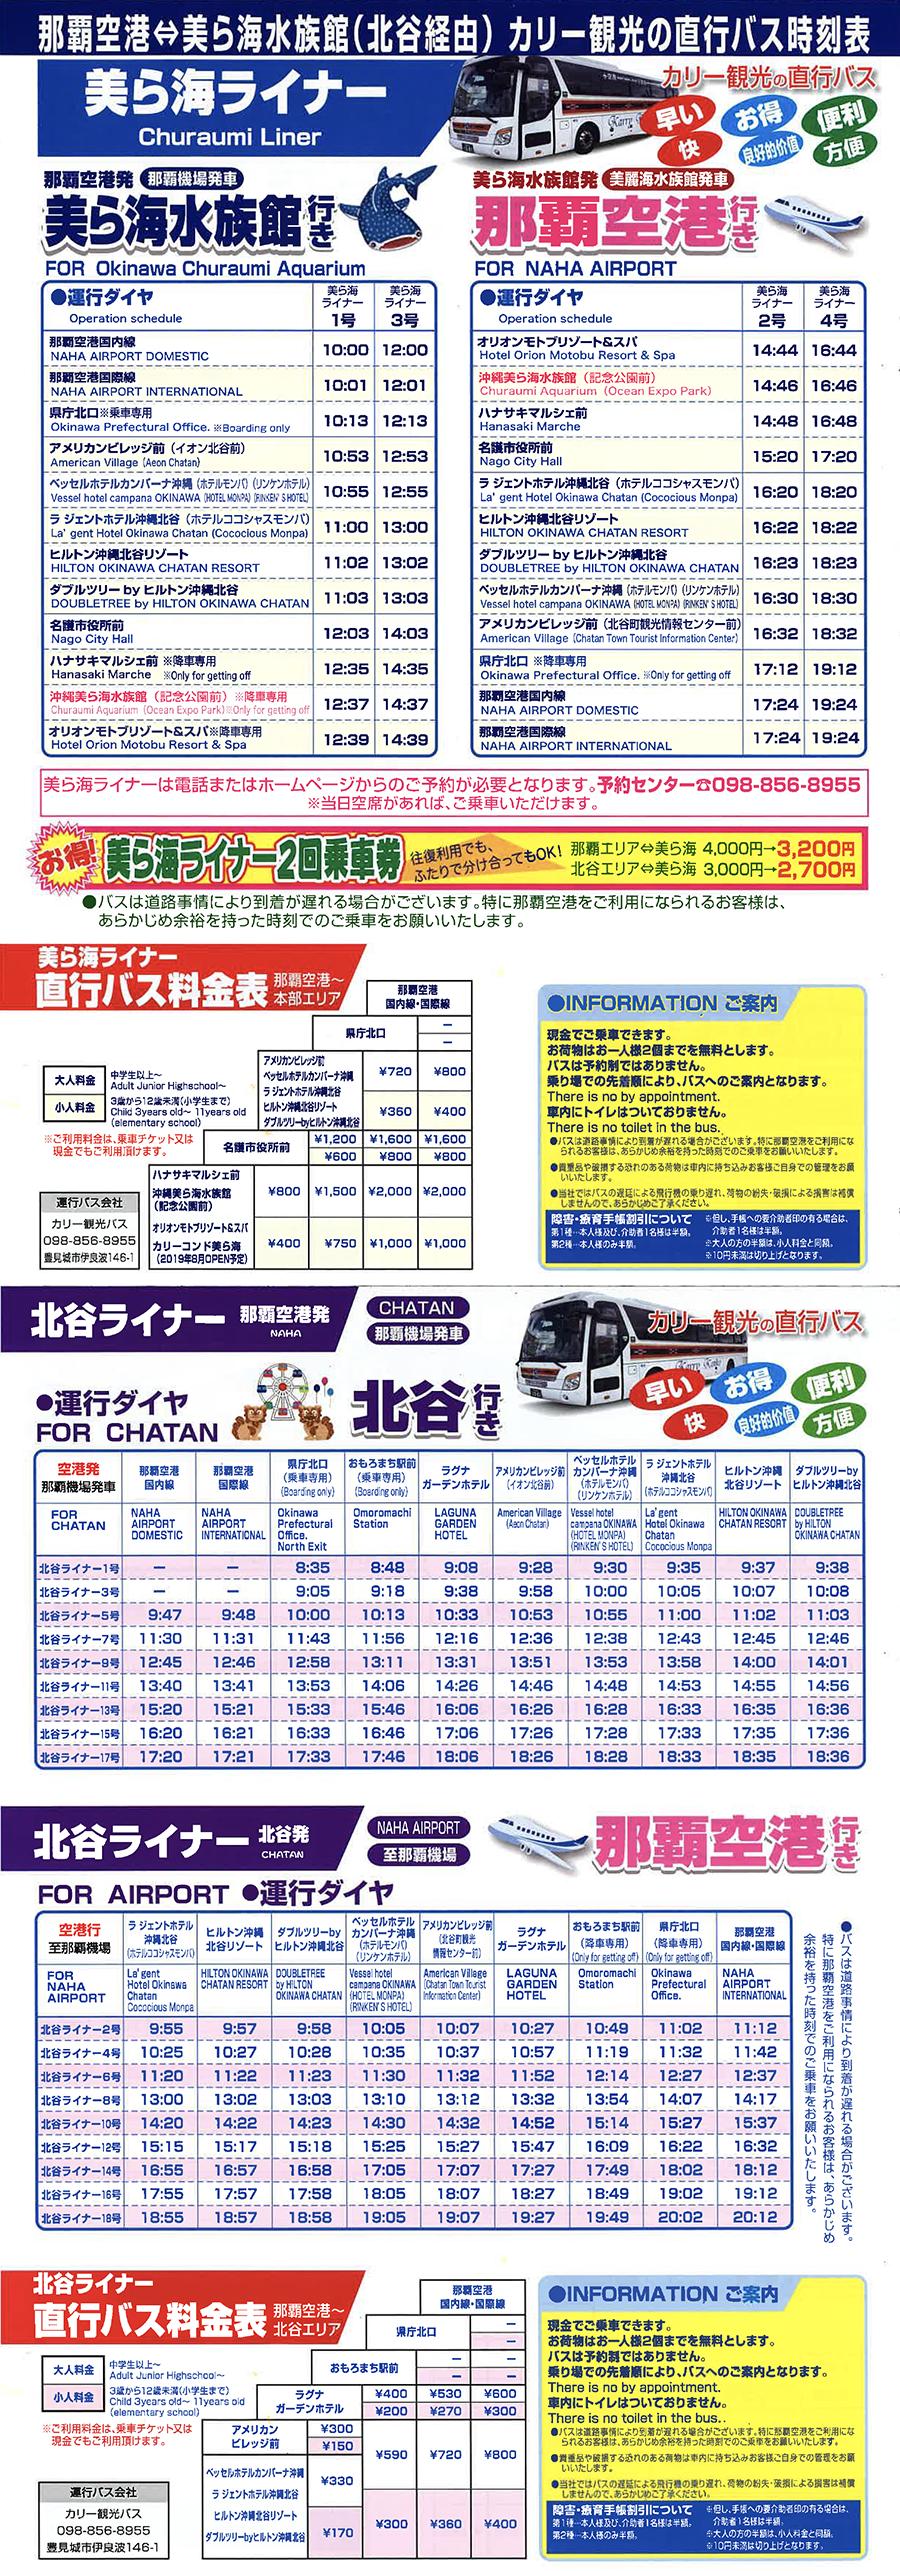 カリー観光バスのお得な「バス割引きっぷ」発売中!